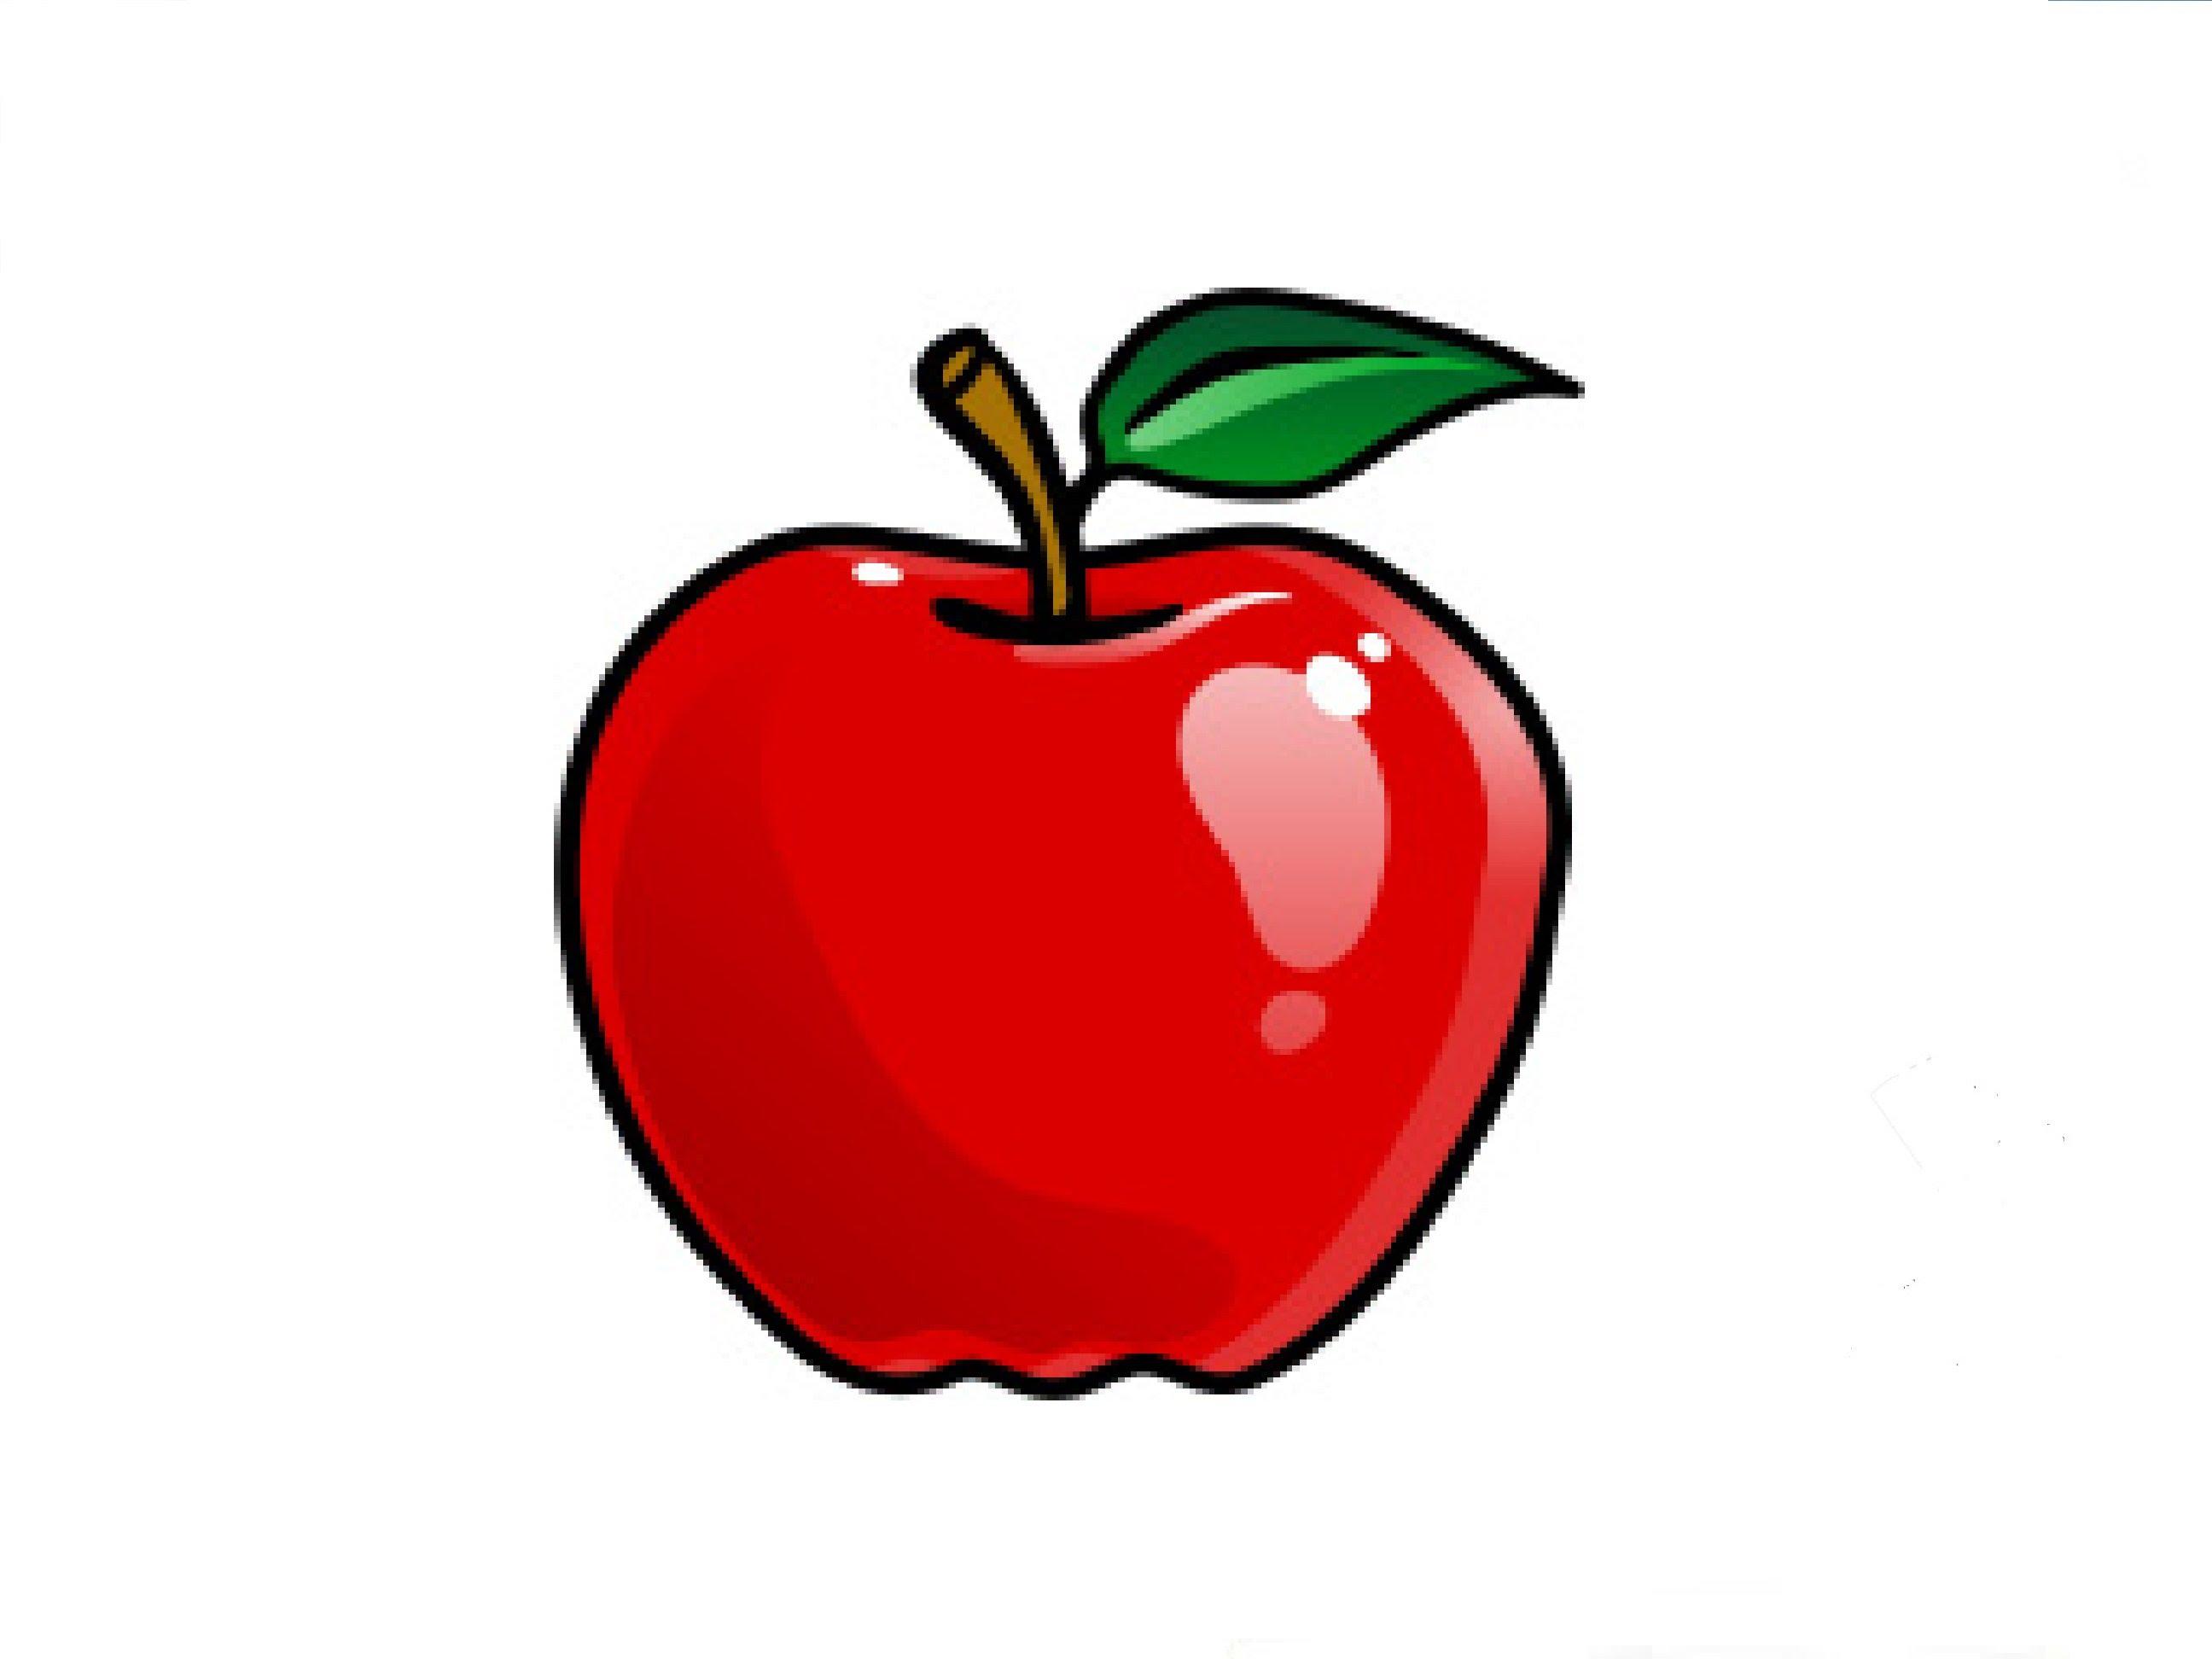 Картинка яблоко для детей